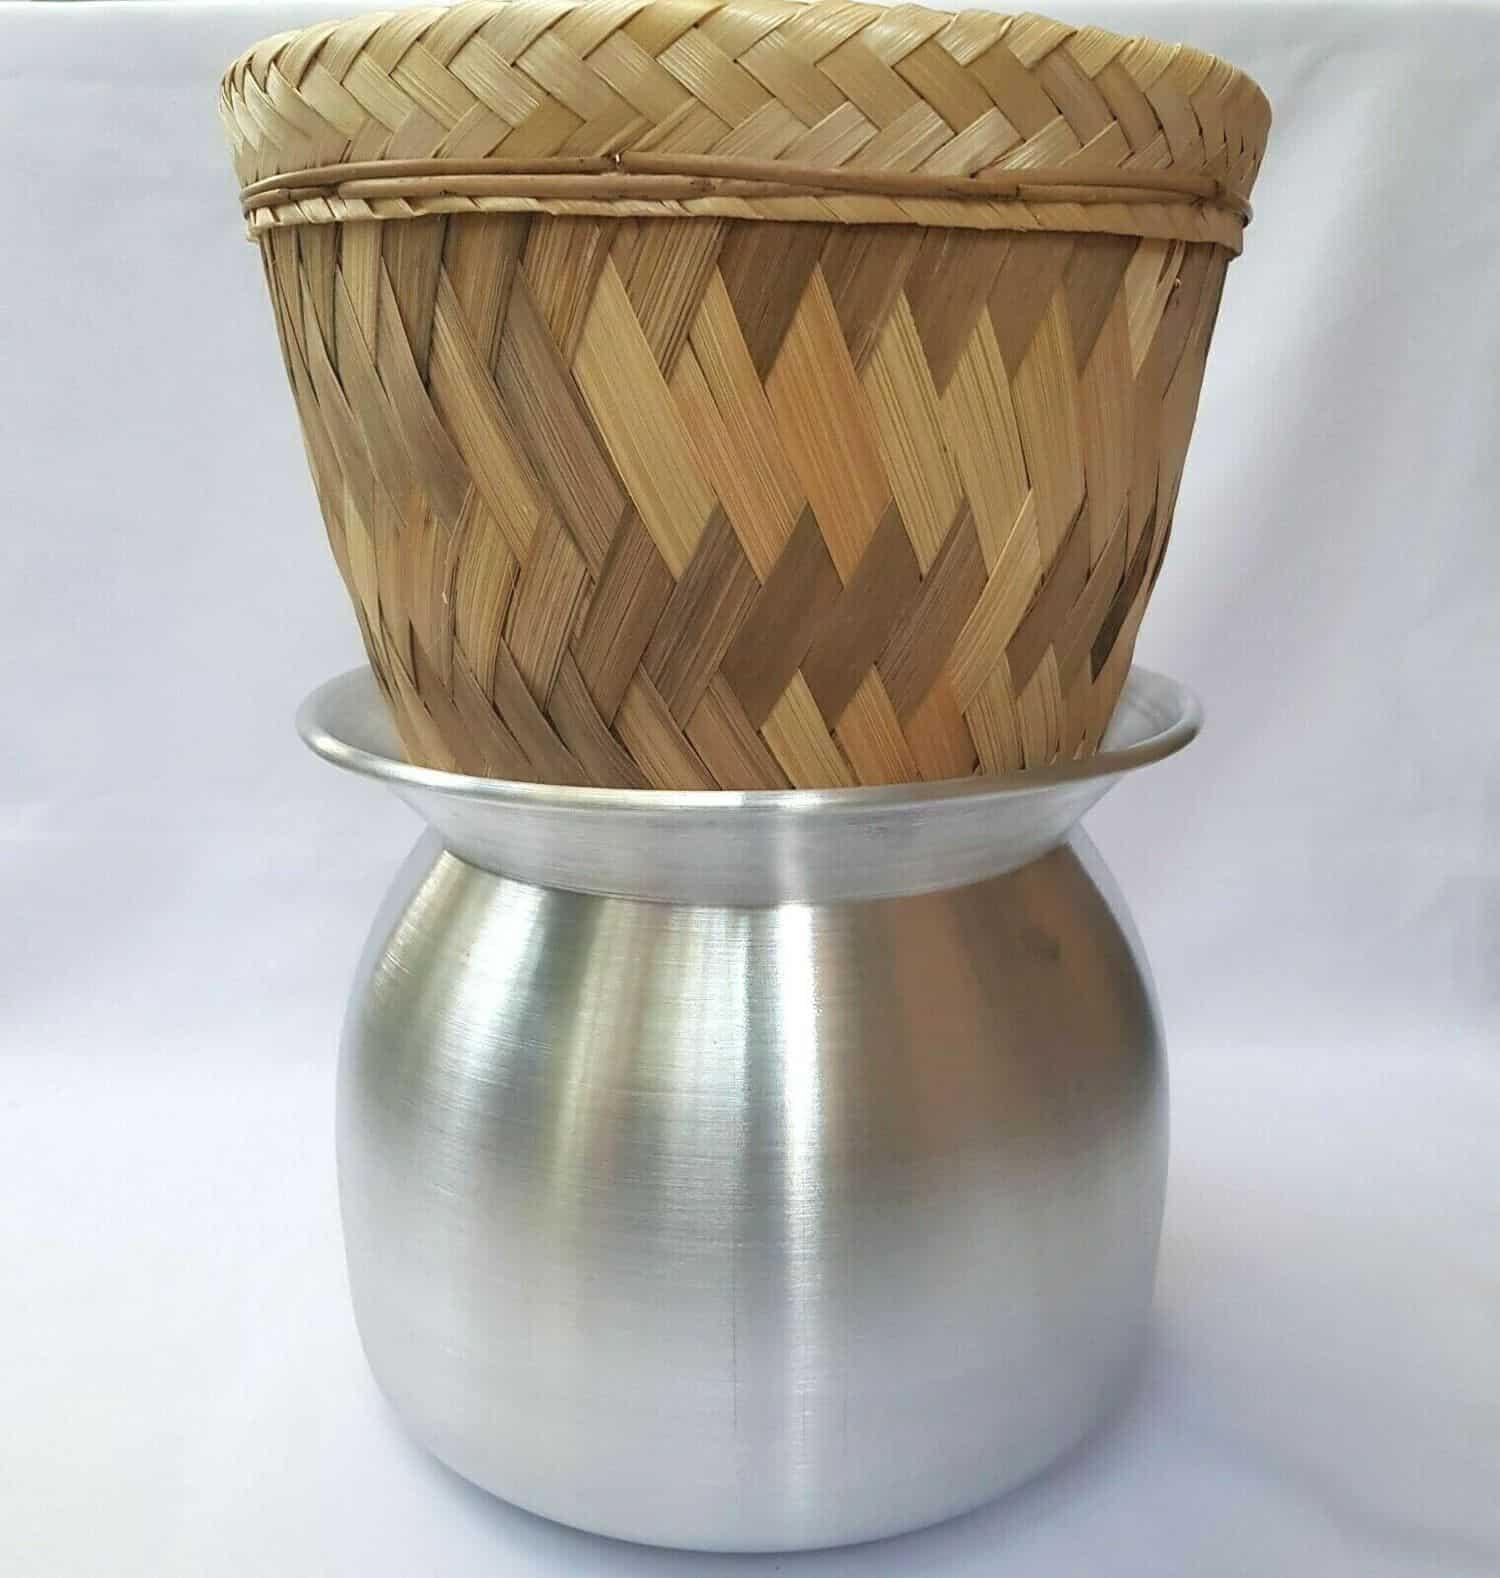 sticky rice steamer basket narrow